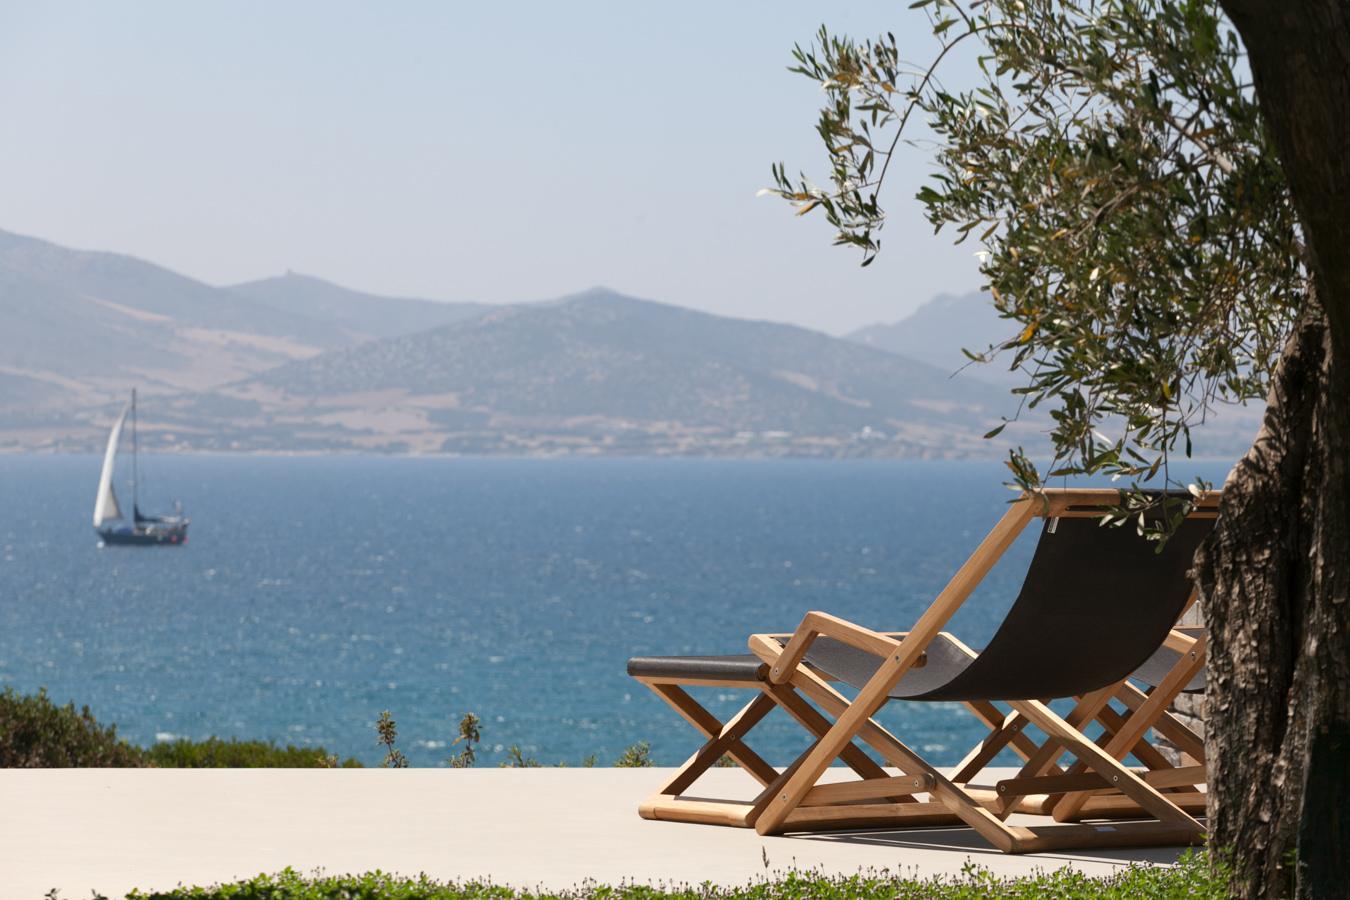 Villa in Paros Island, Γιώργος Φάκαρος - Αρχιτεκτονική Φωτογραφία | Εσωτερικοί Χώροι | Φωτογραφία Ξενοδοχειών - Photography / Φωτογραφία